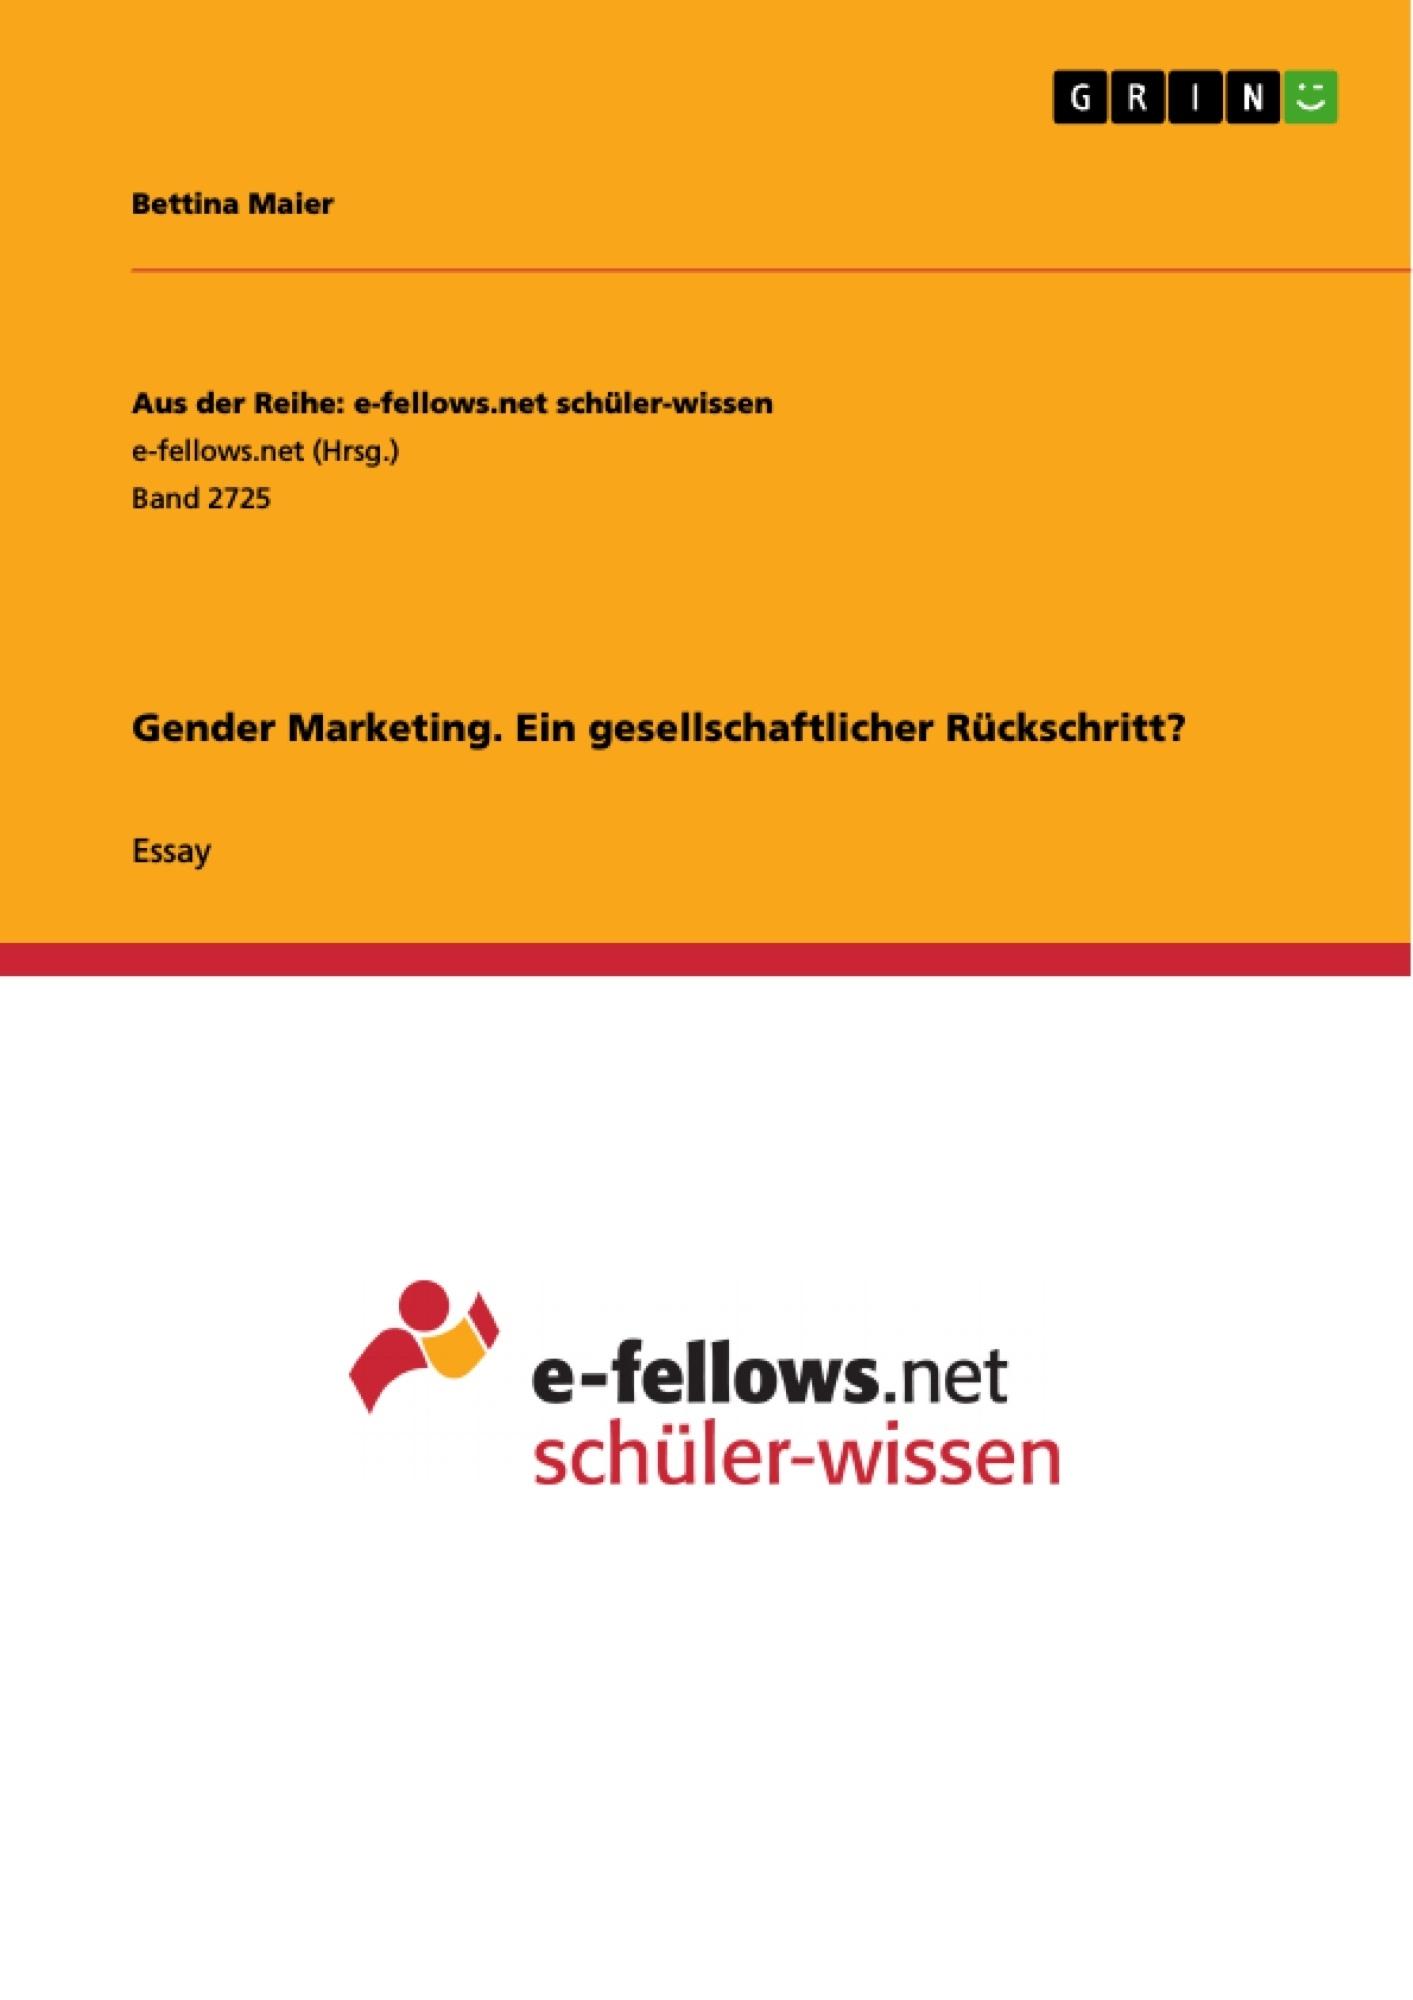 Titel: Gender Marketing. Ein gesellschaftlicher Rückschritt?